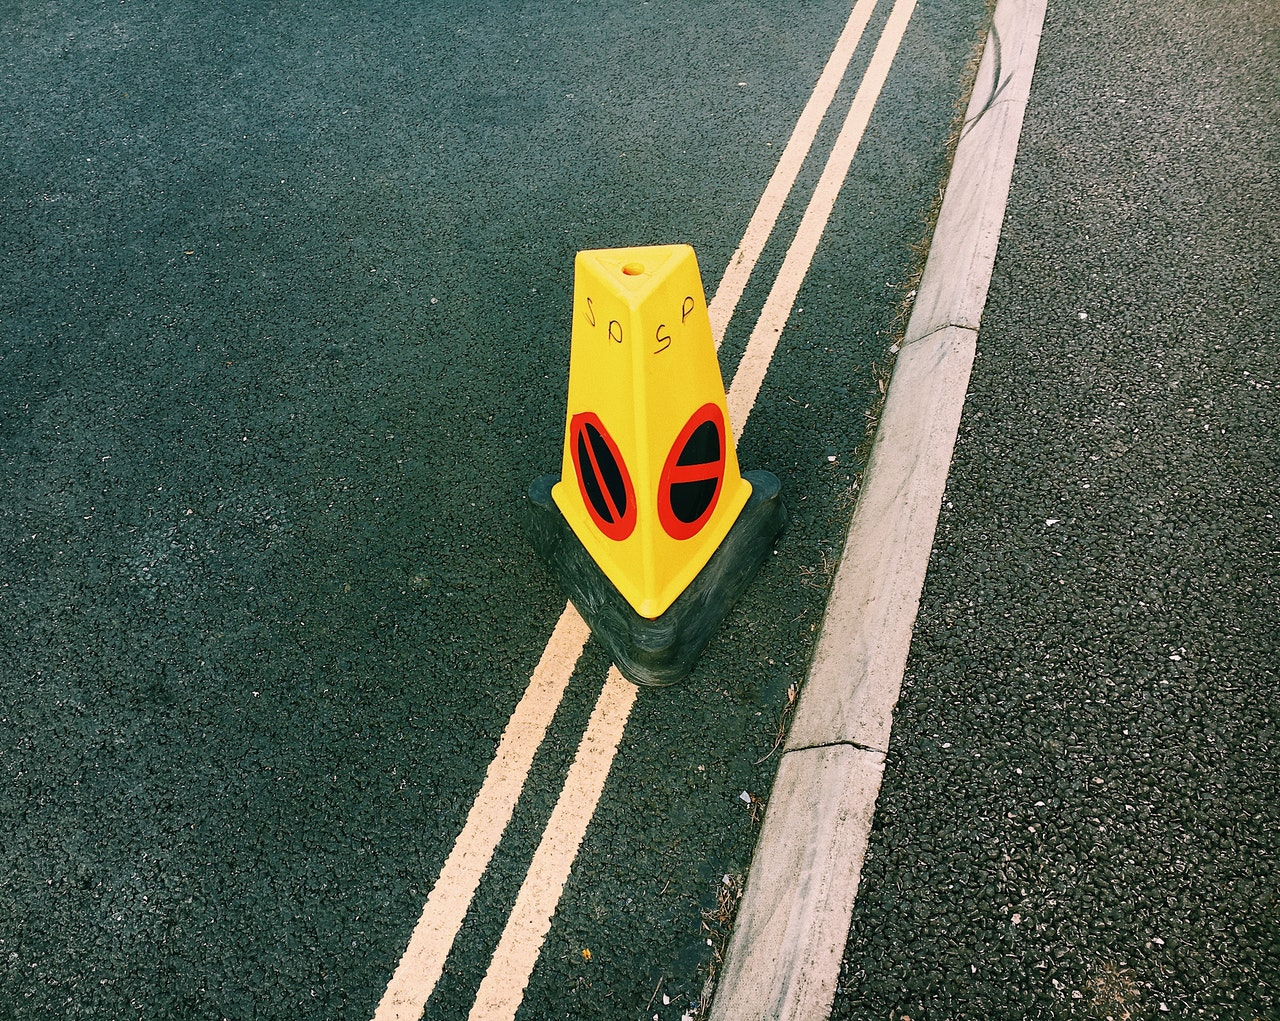 oznakowanie drogowe